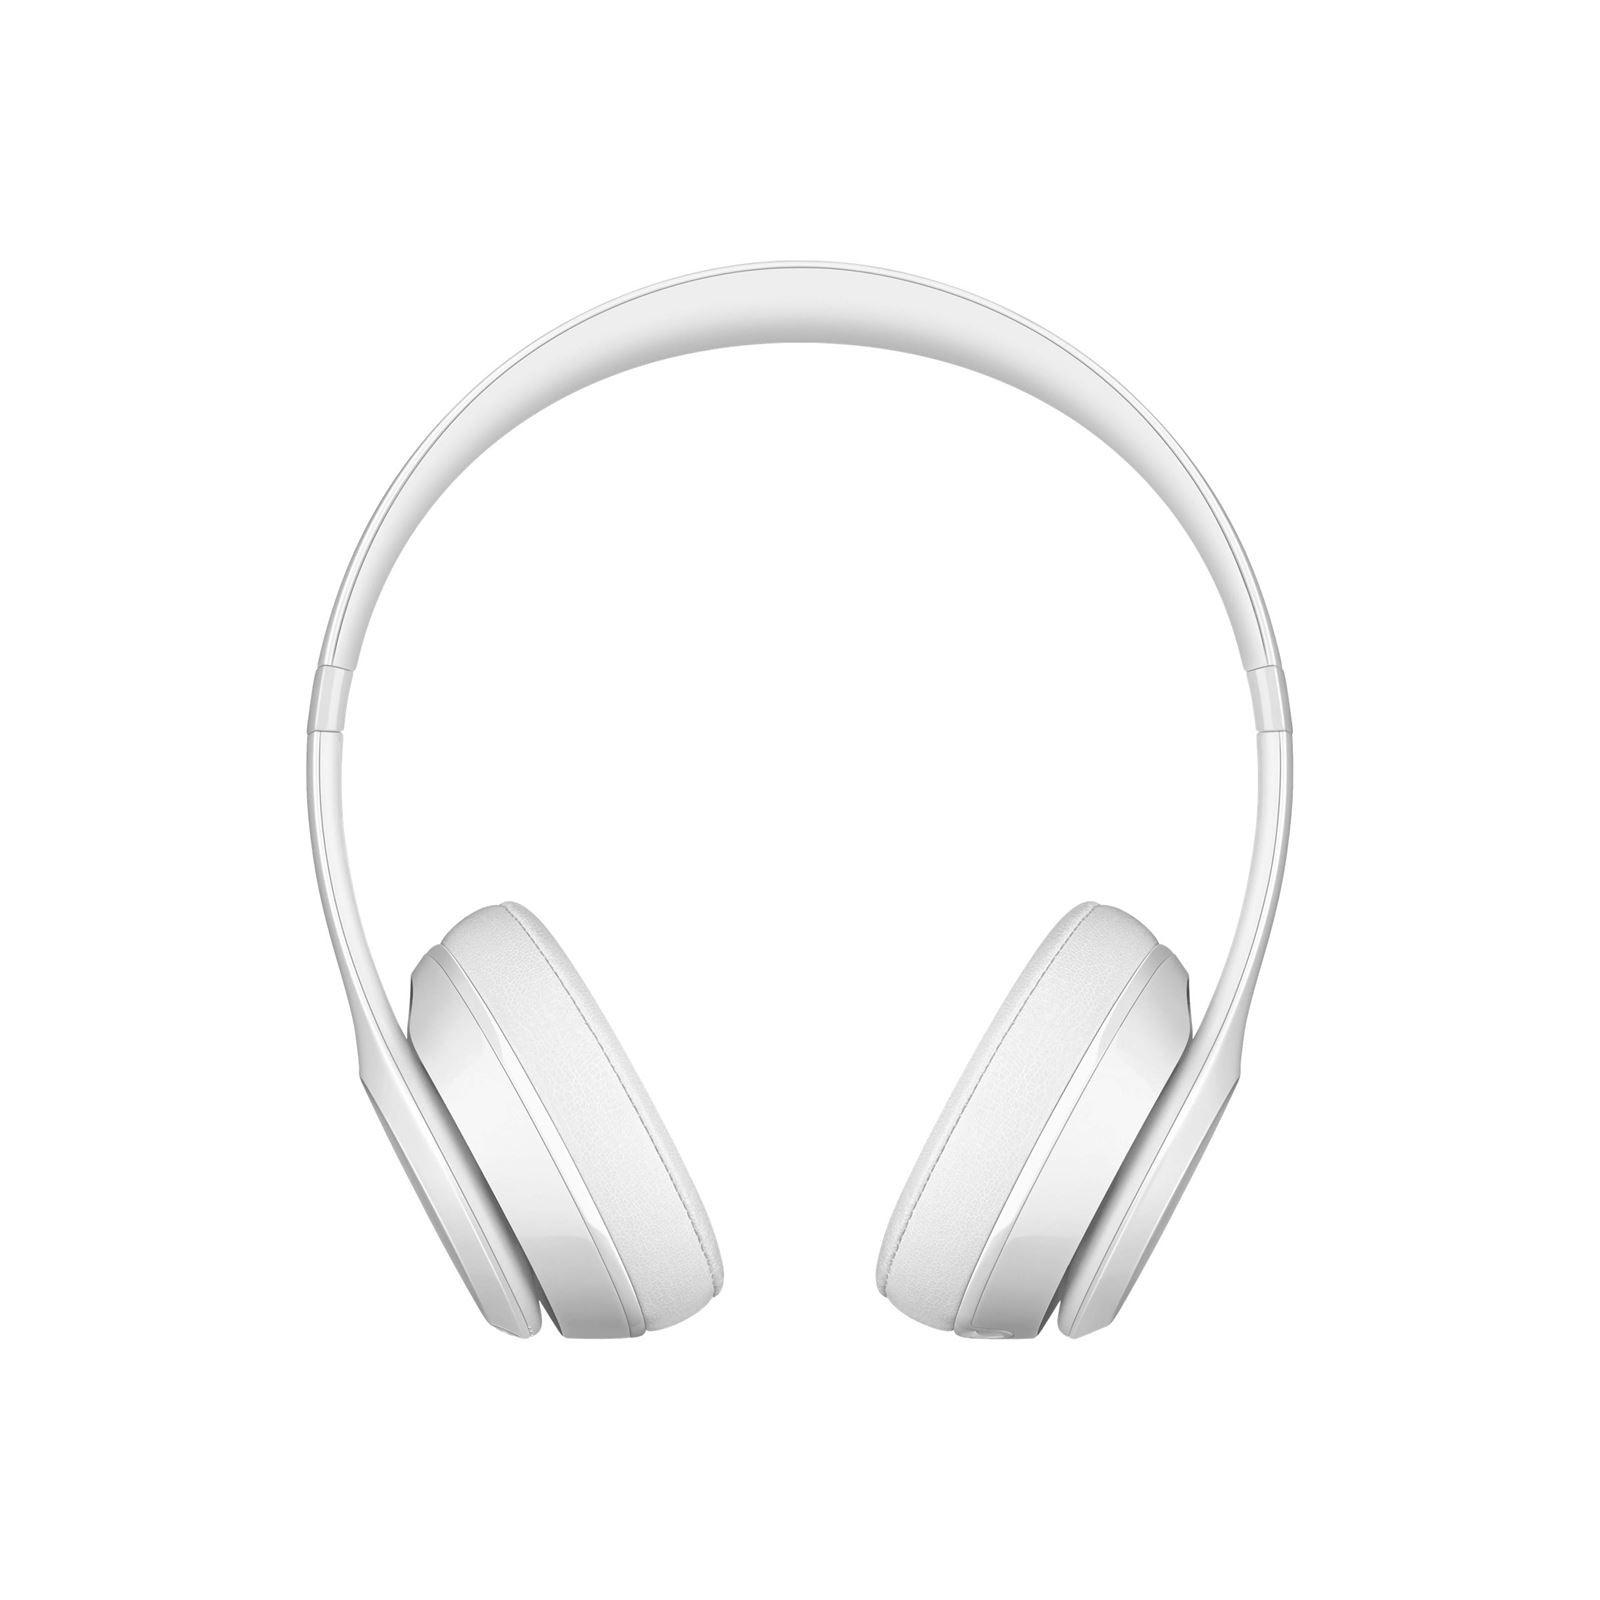 1600x1600 Beats Solo3 Wireless On Ear Headphones